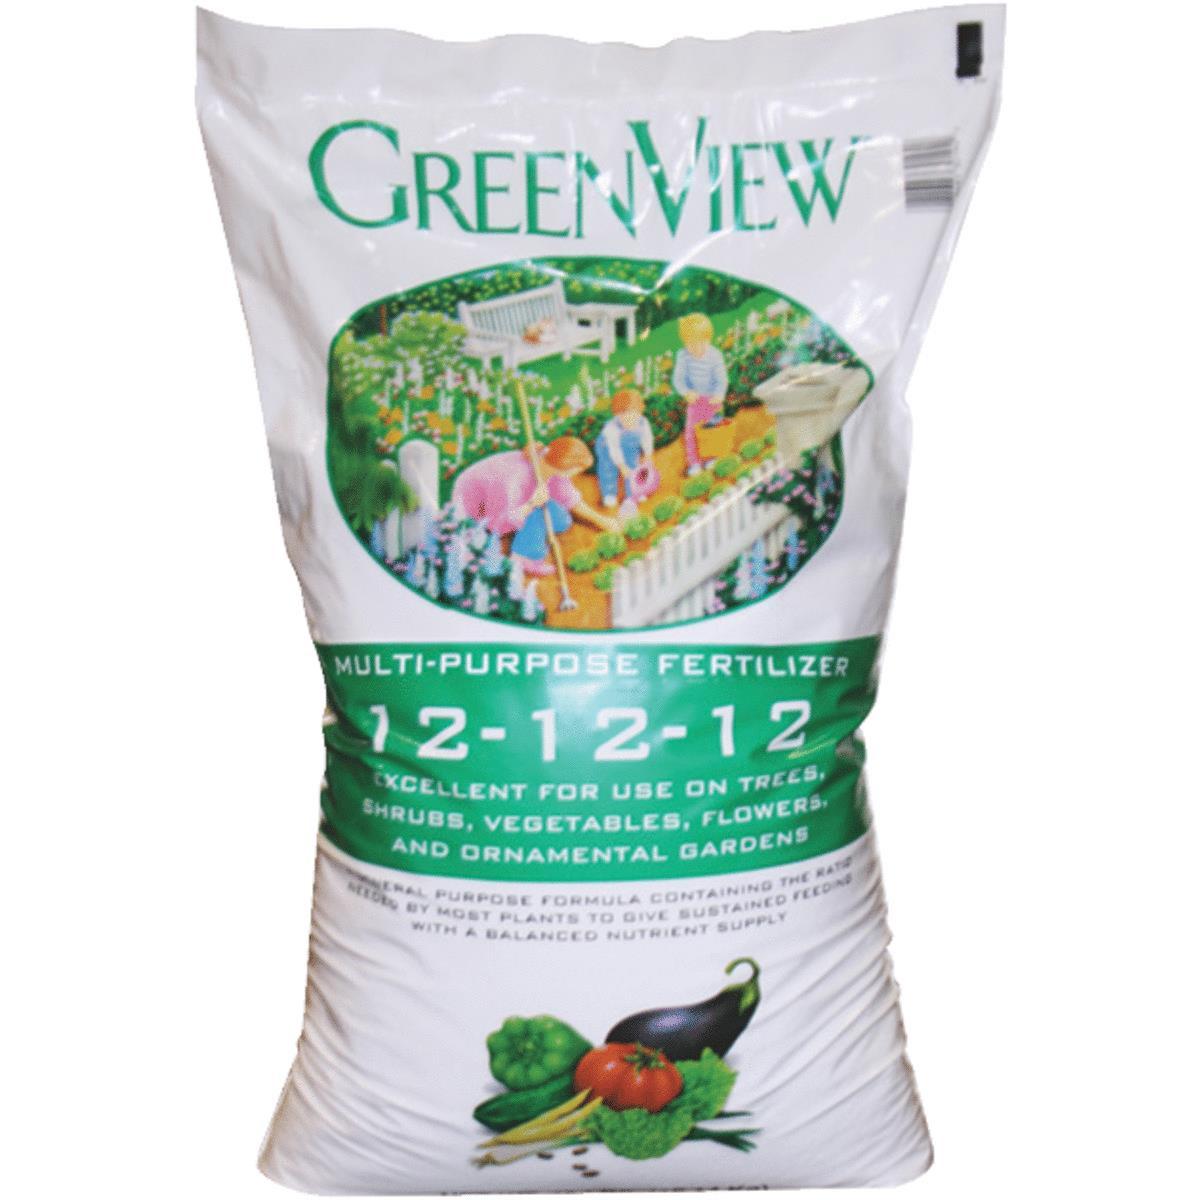 Lebanon Seaboard Green View 12-12-12 All Purpose Fertilizer